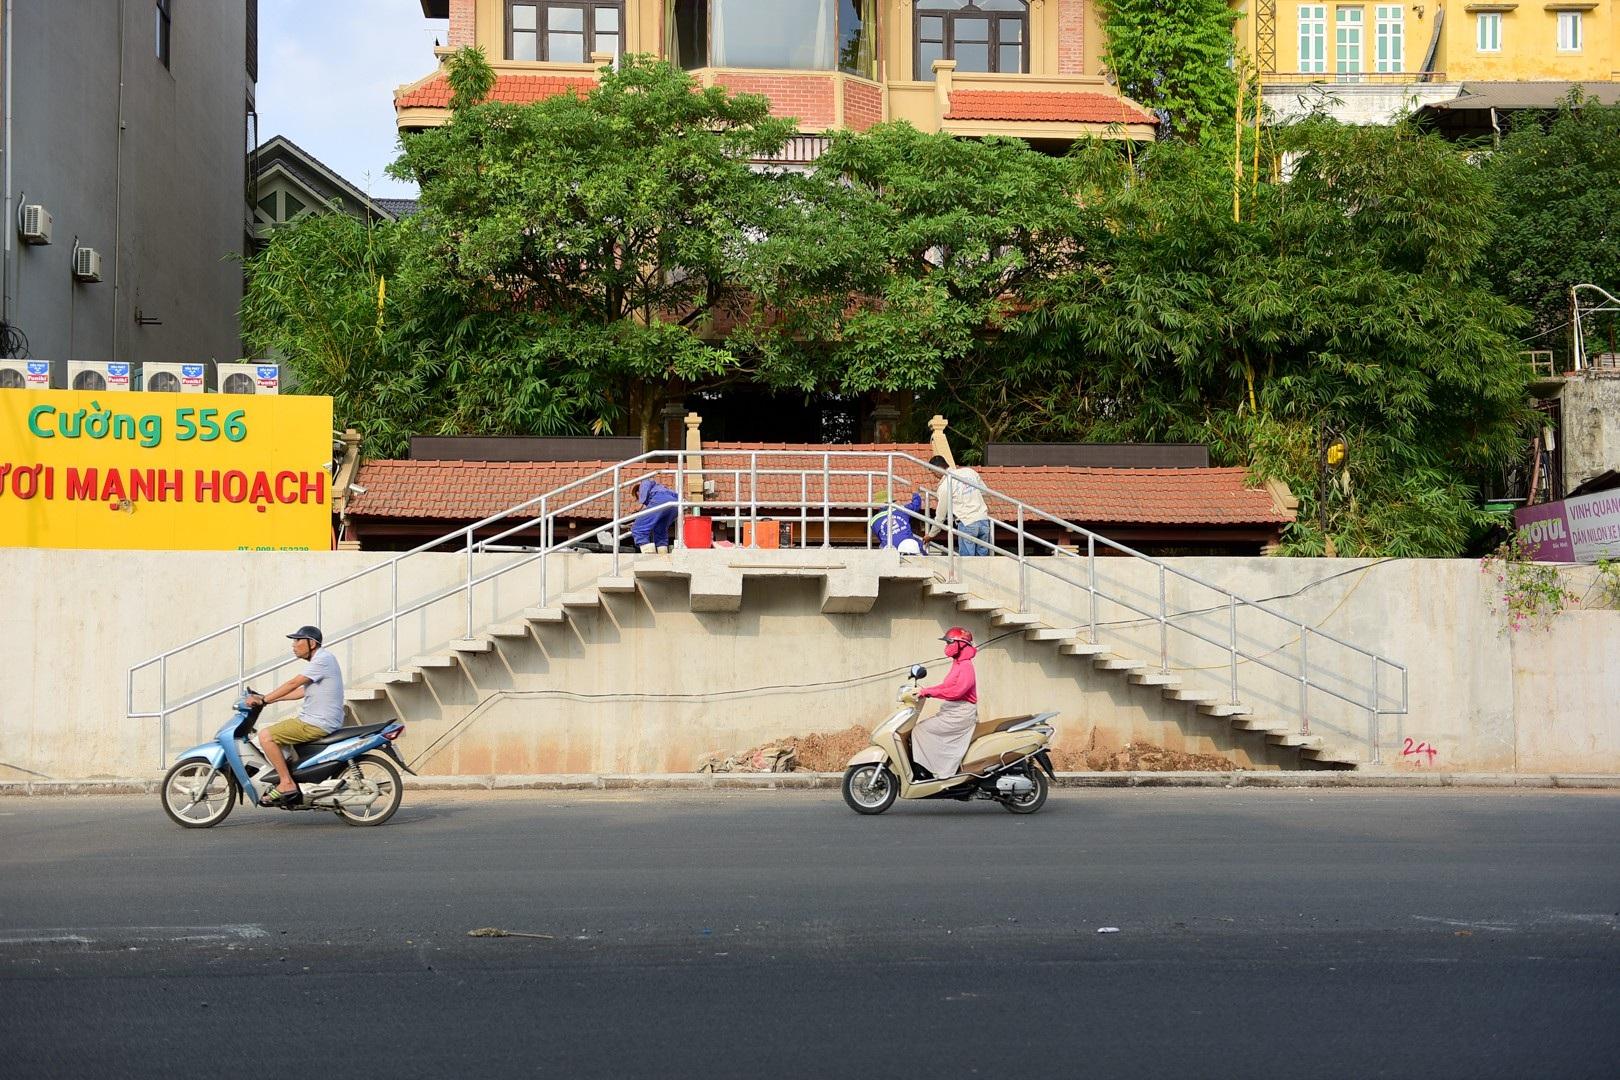 Hà Nội: Toàn cảnh dự án cầu vượt An Dương sau hơn một năm thi công - Ảnh 9.